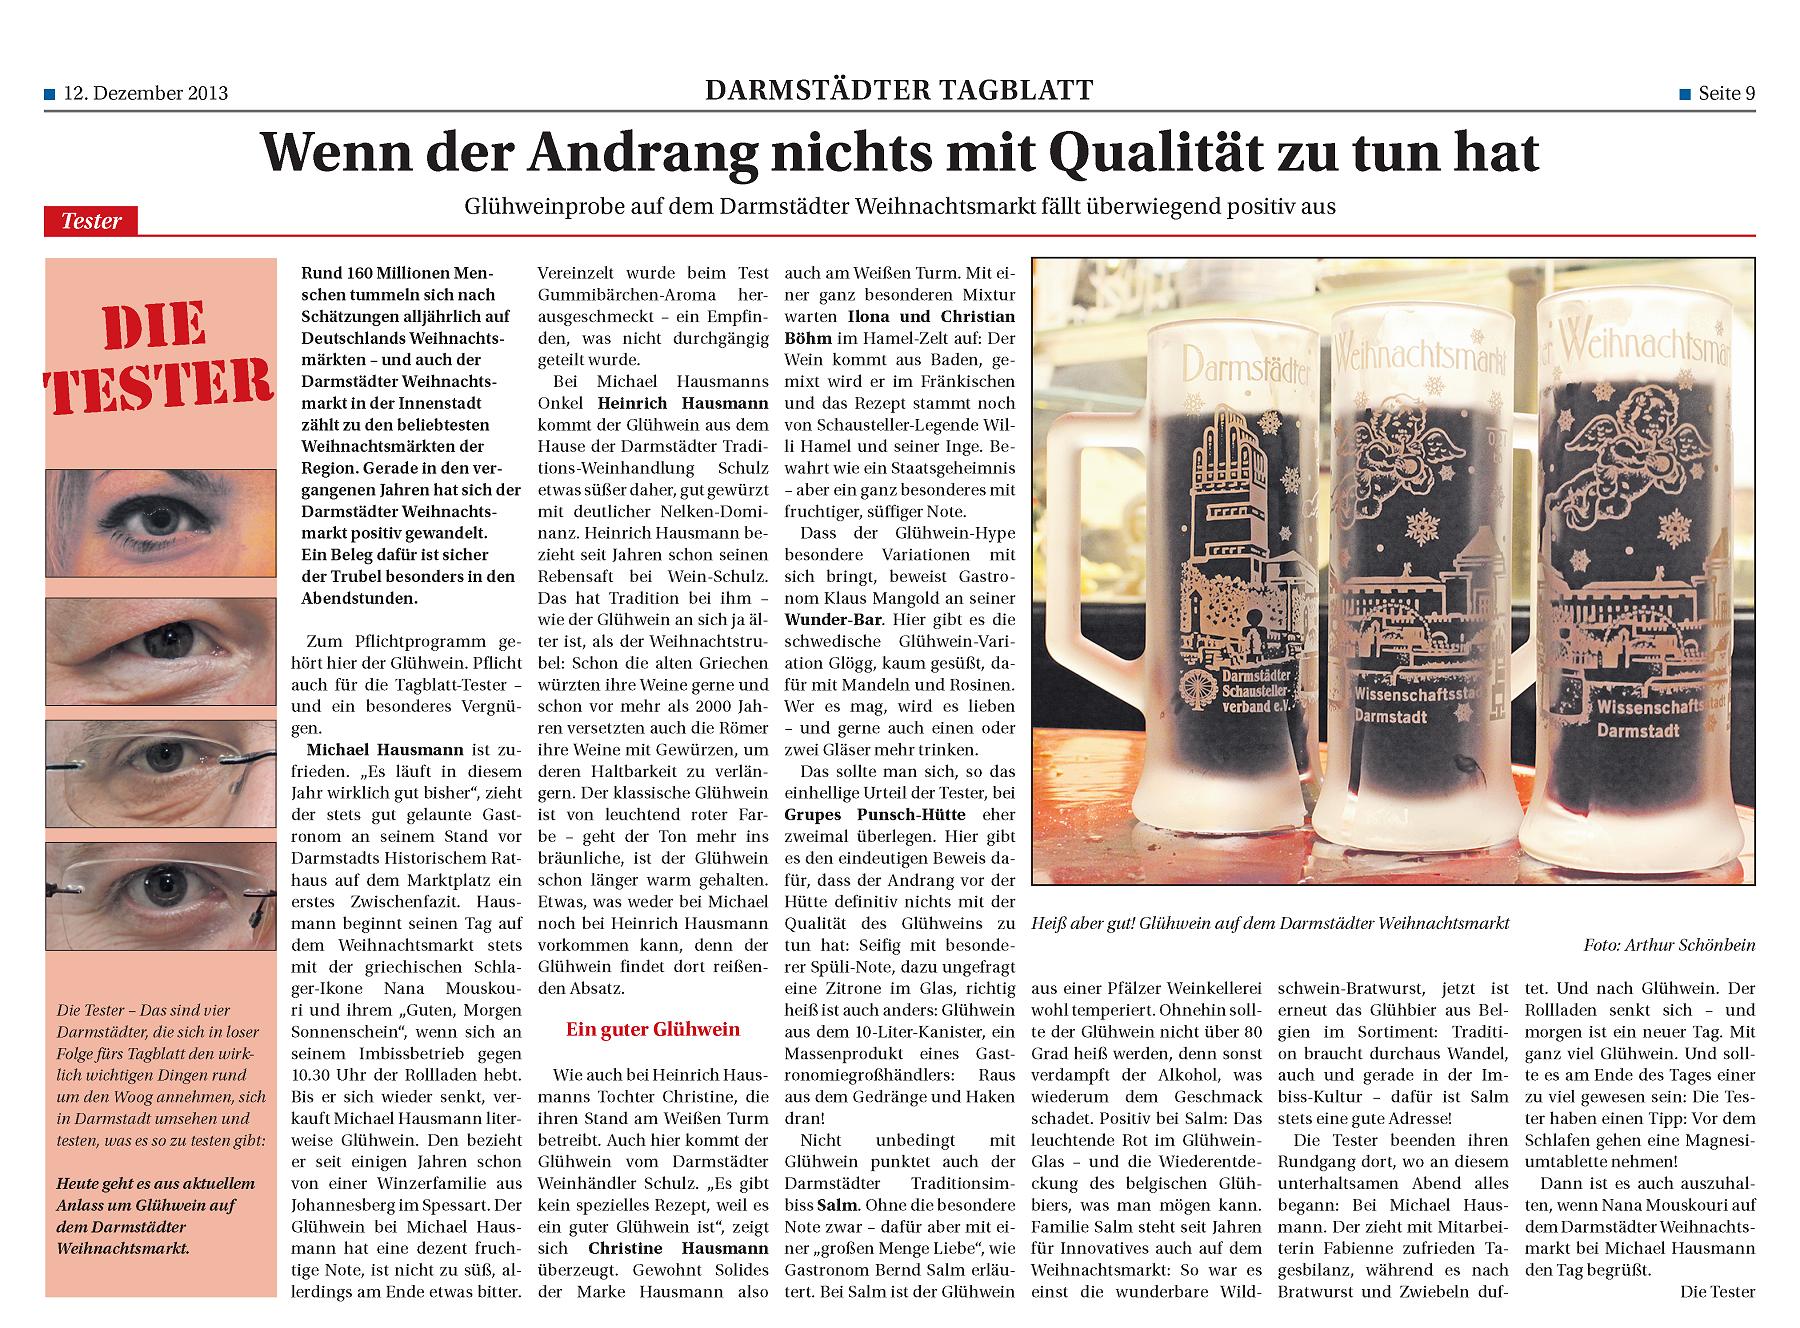 Glühweintest auf dem Weihnachtsmarkt, Darmstädter Tagblatt 12.12.2013